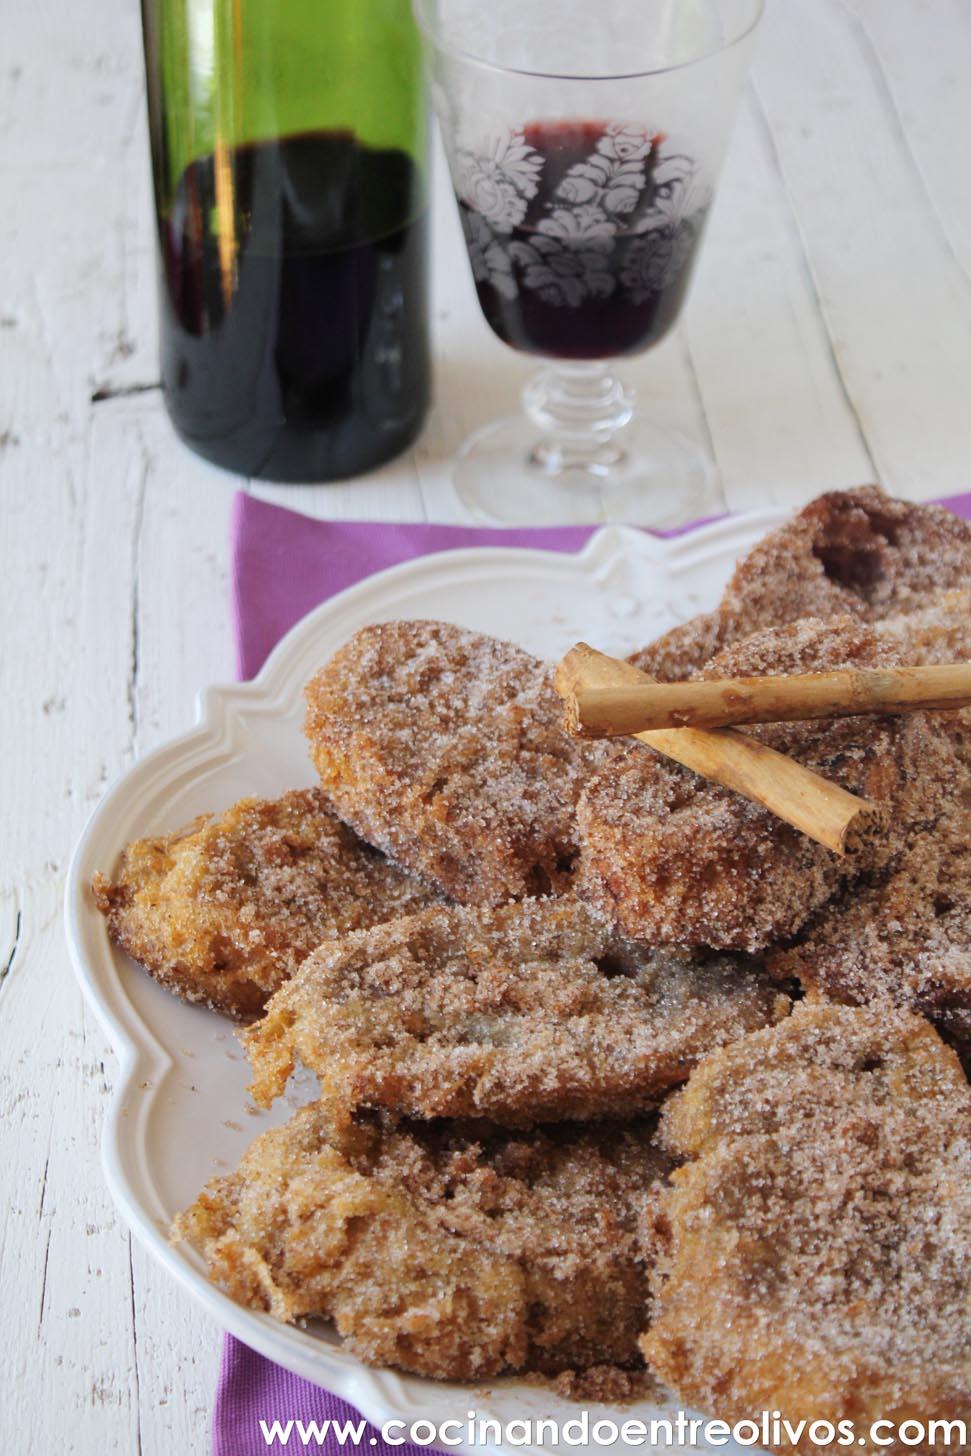 Cocinando entre olivos torrijas de vino tinto receta for Cocinando entre olivos